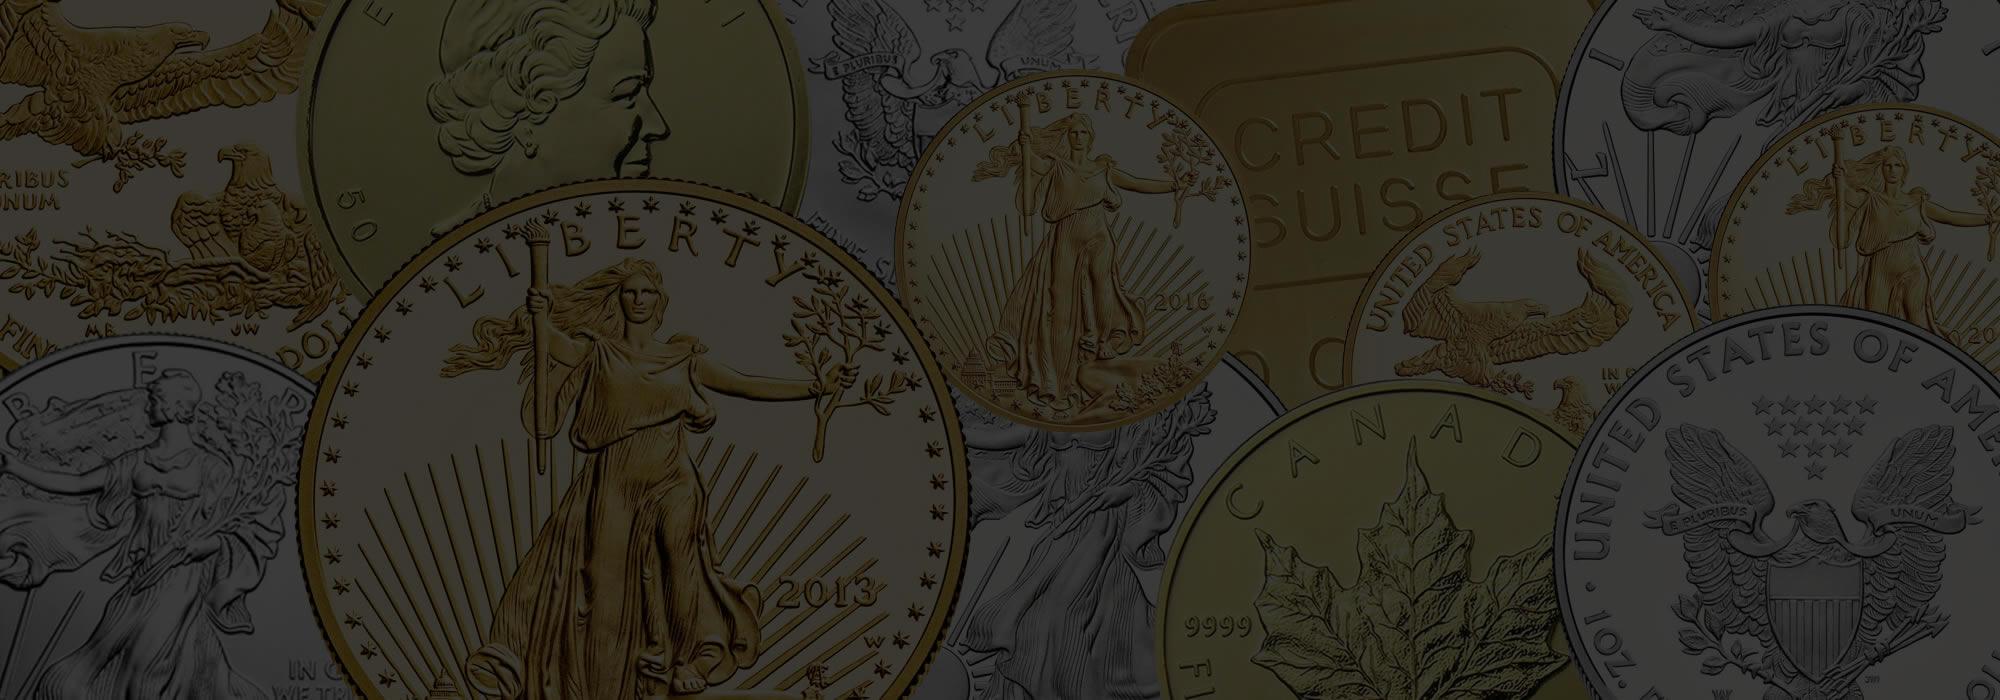 bullion1-2.jpg